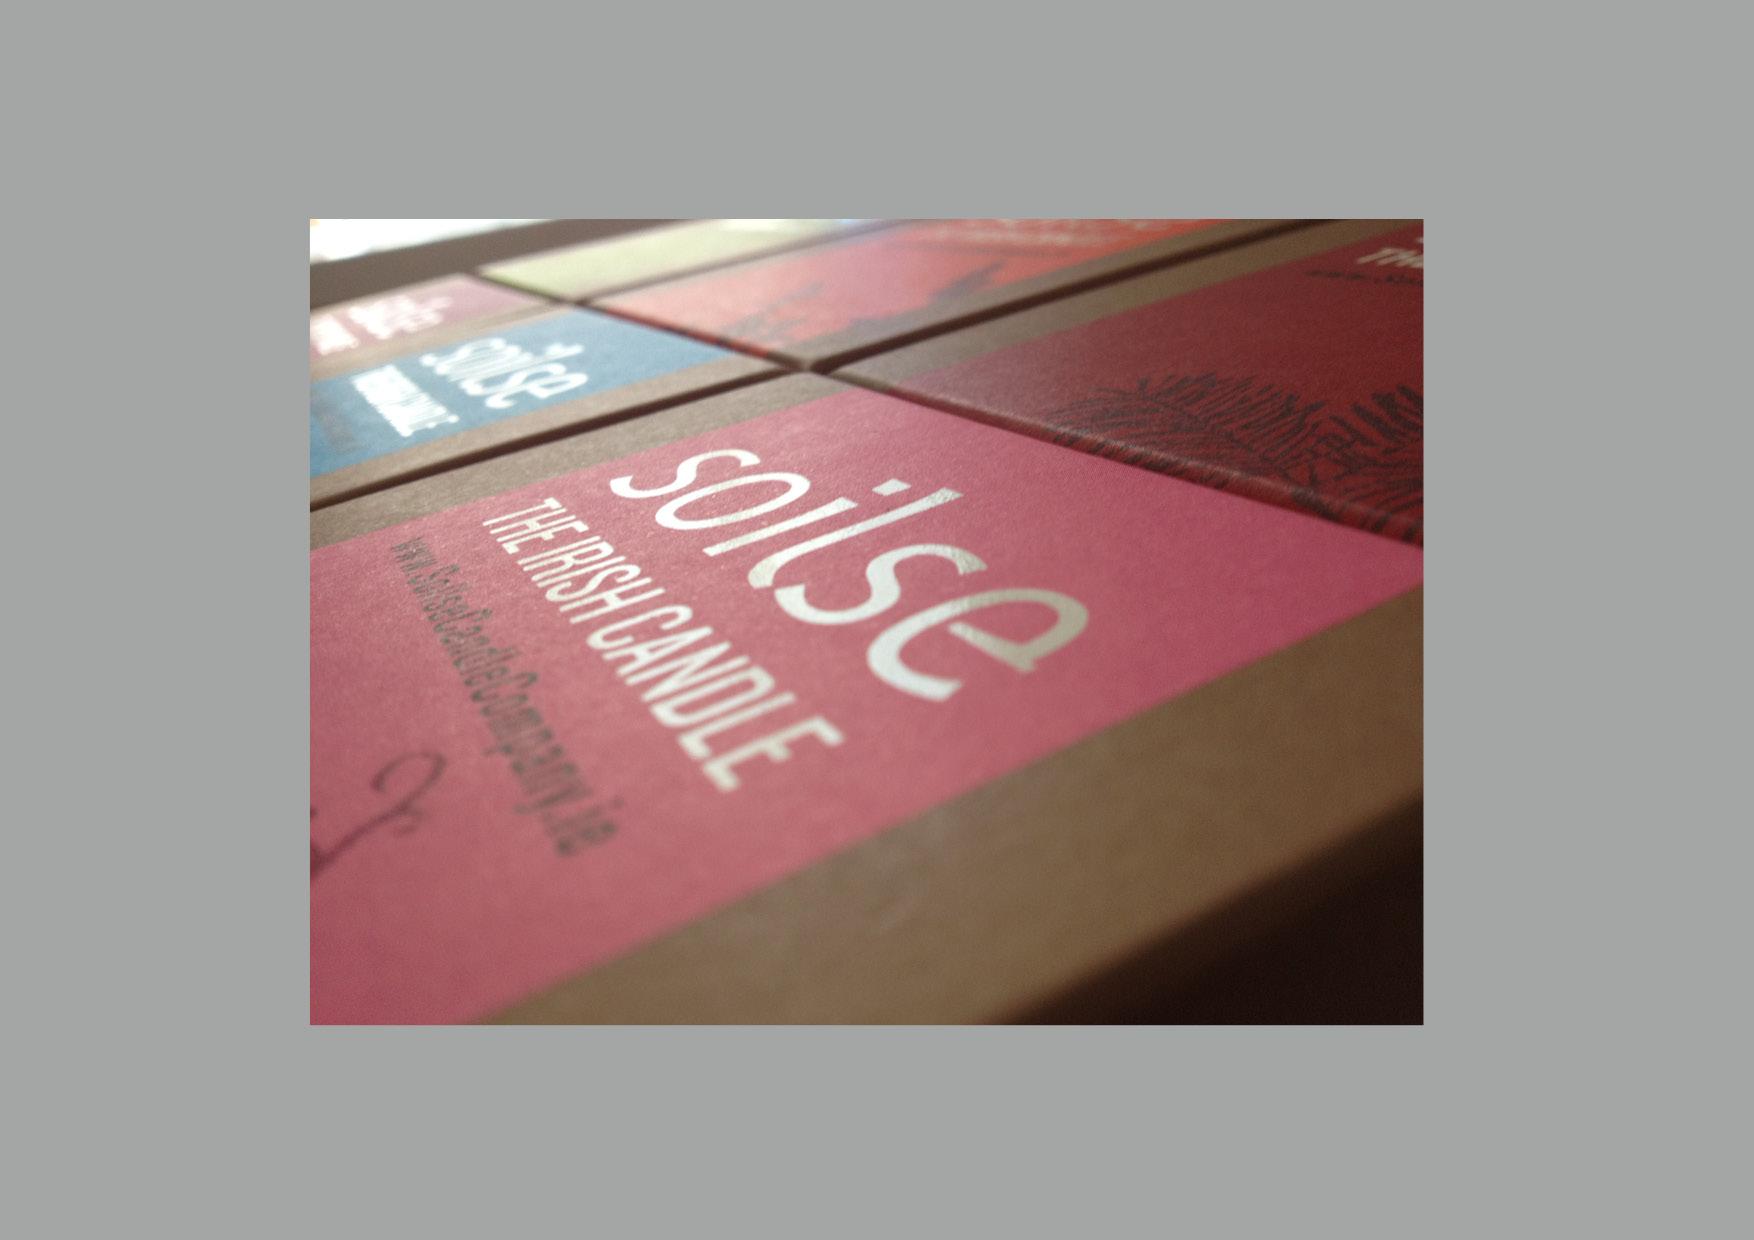 Cover image: Soilse Packaging (2012)